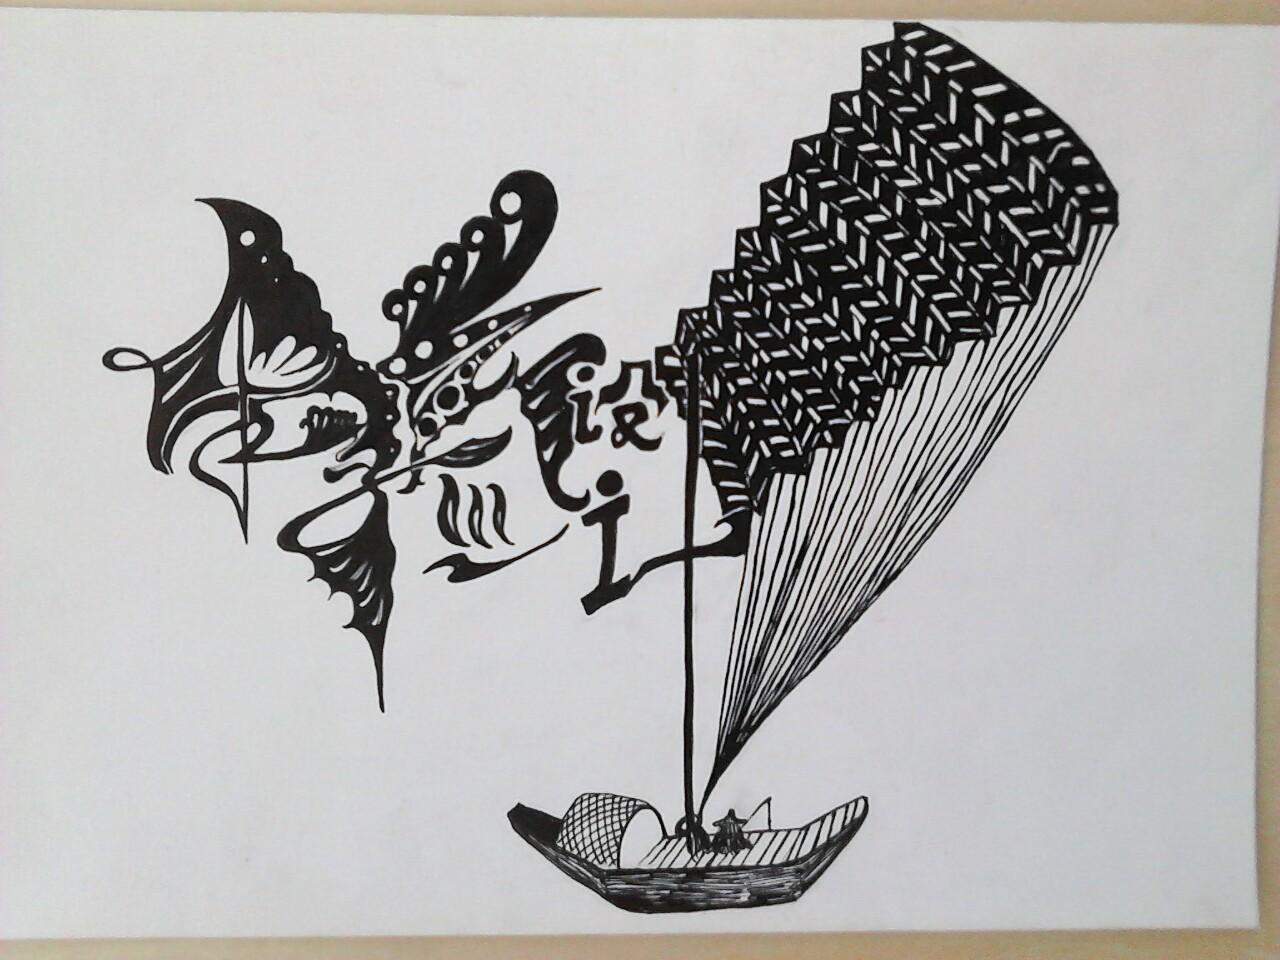 异质同构 形影矛盾 字体设计图片